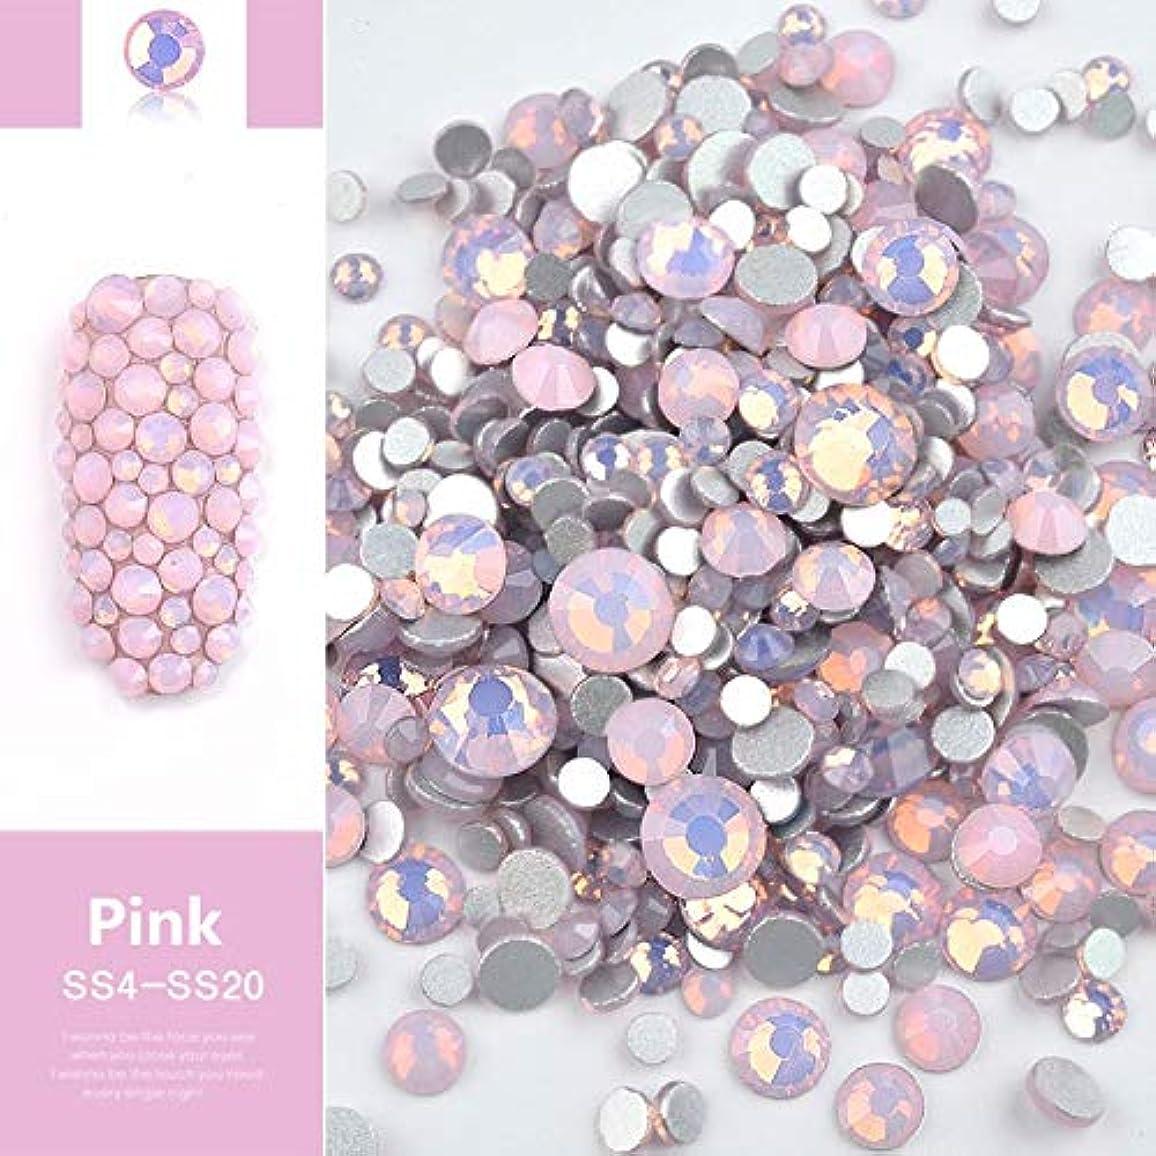 戦い伸ばすシャンプーALEXBIAN ビーズ樹脂クリスタルラウンドネイルアートミックスフラットバックアクリルラインストーンミックスサイズ1.5-4.5 mm装飾用ネイル (Color : Pink)